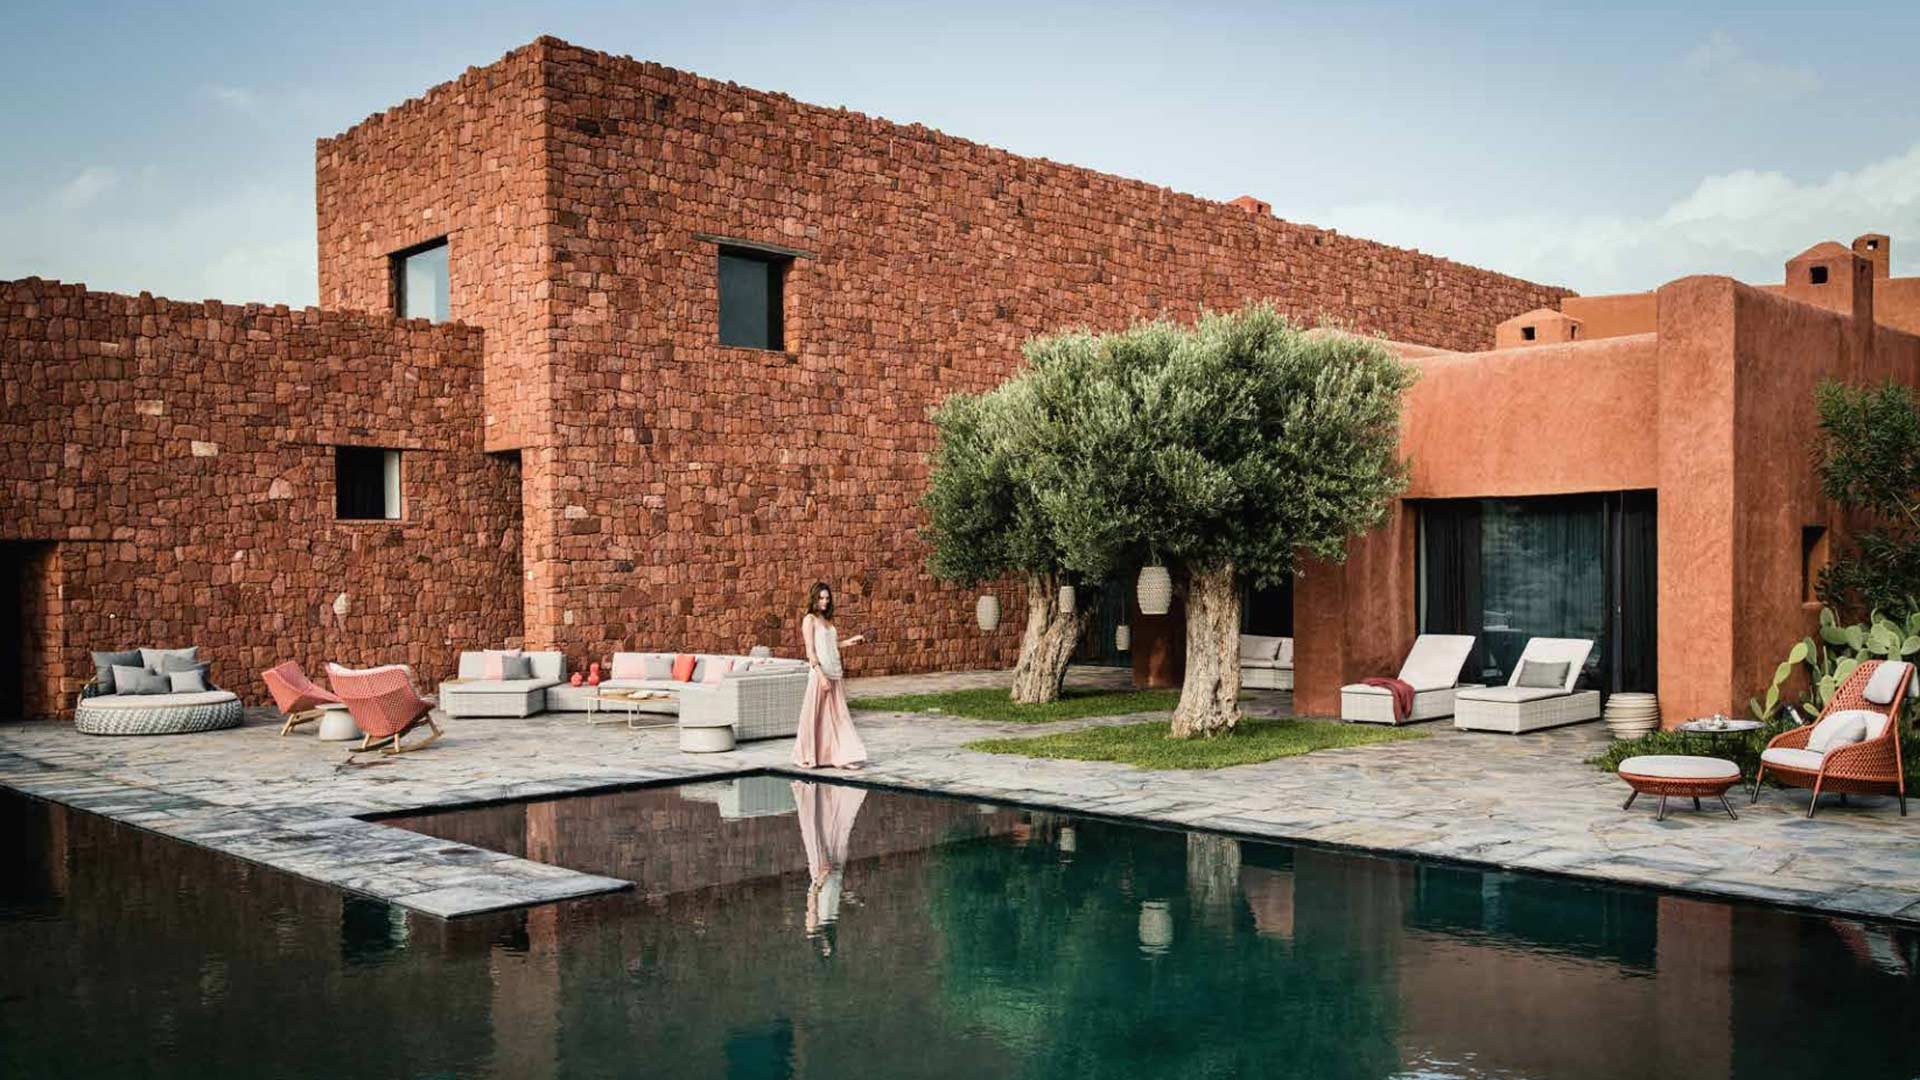 Villa E - Villa rental in Marrakech, Ourika | Villanovo